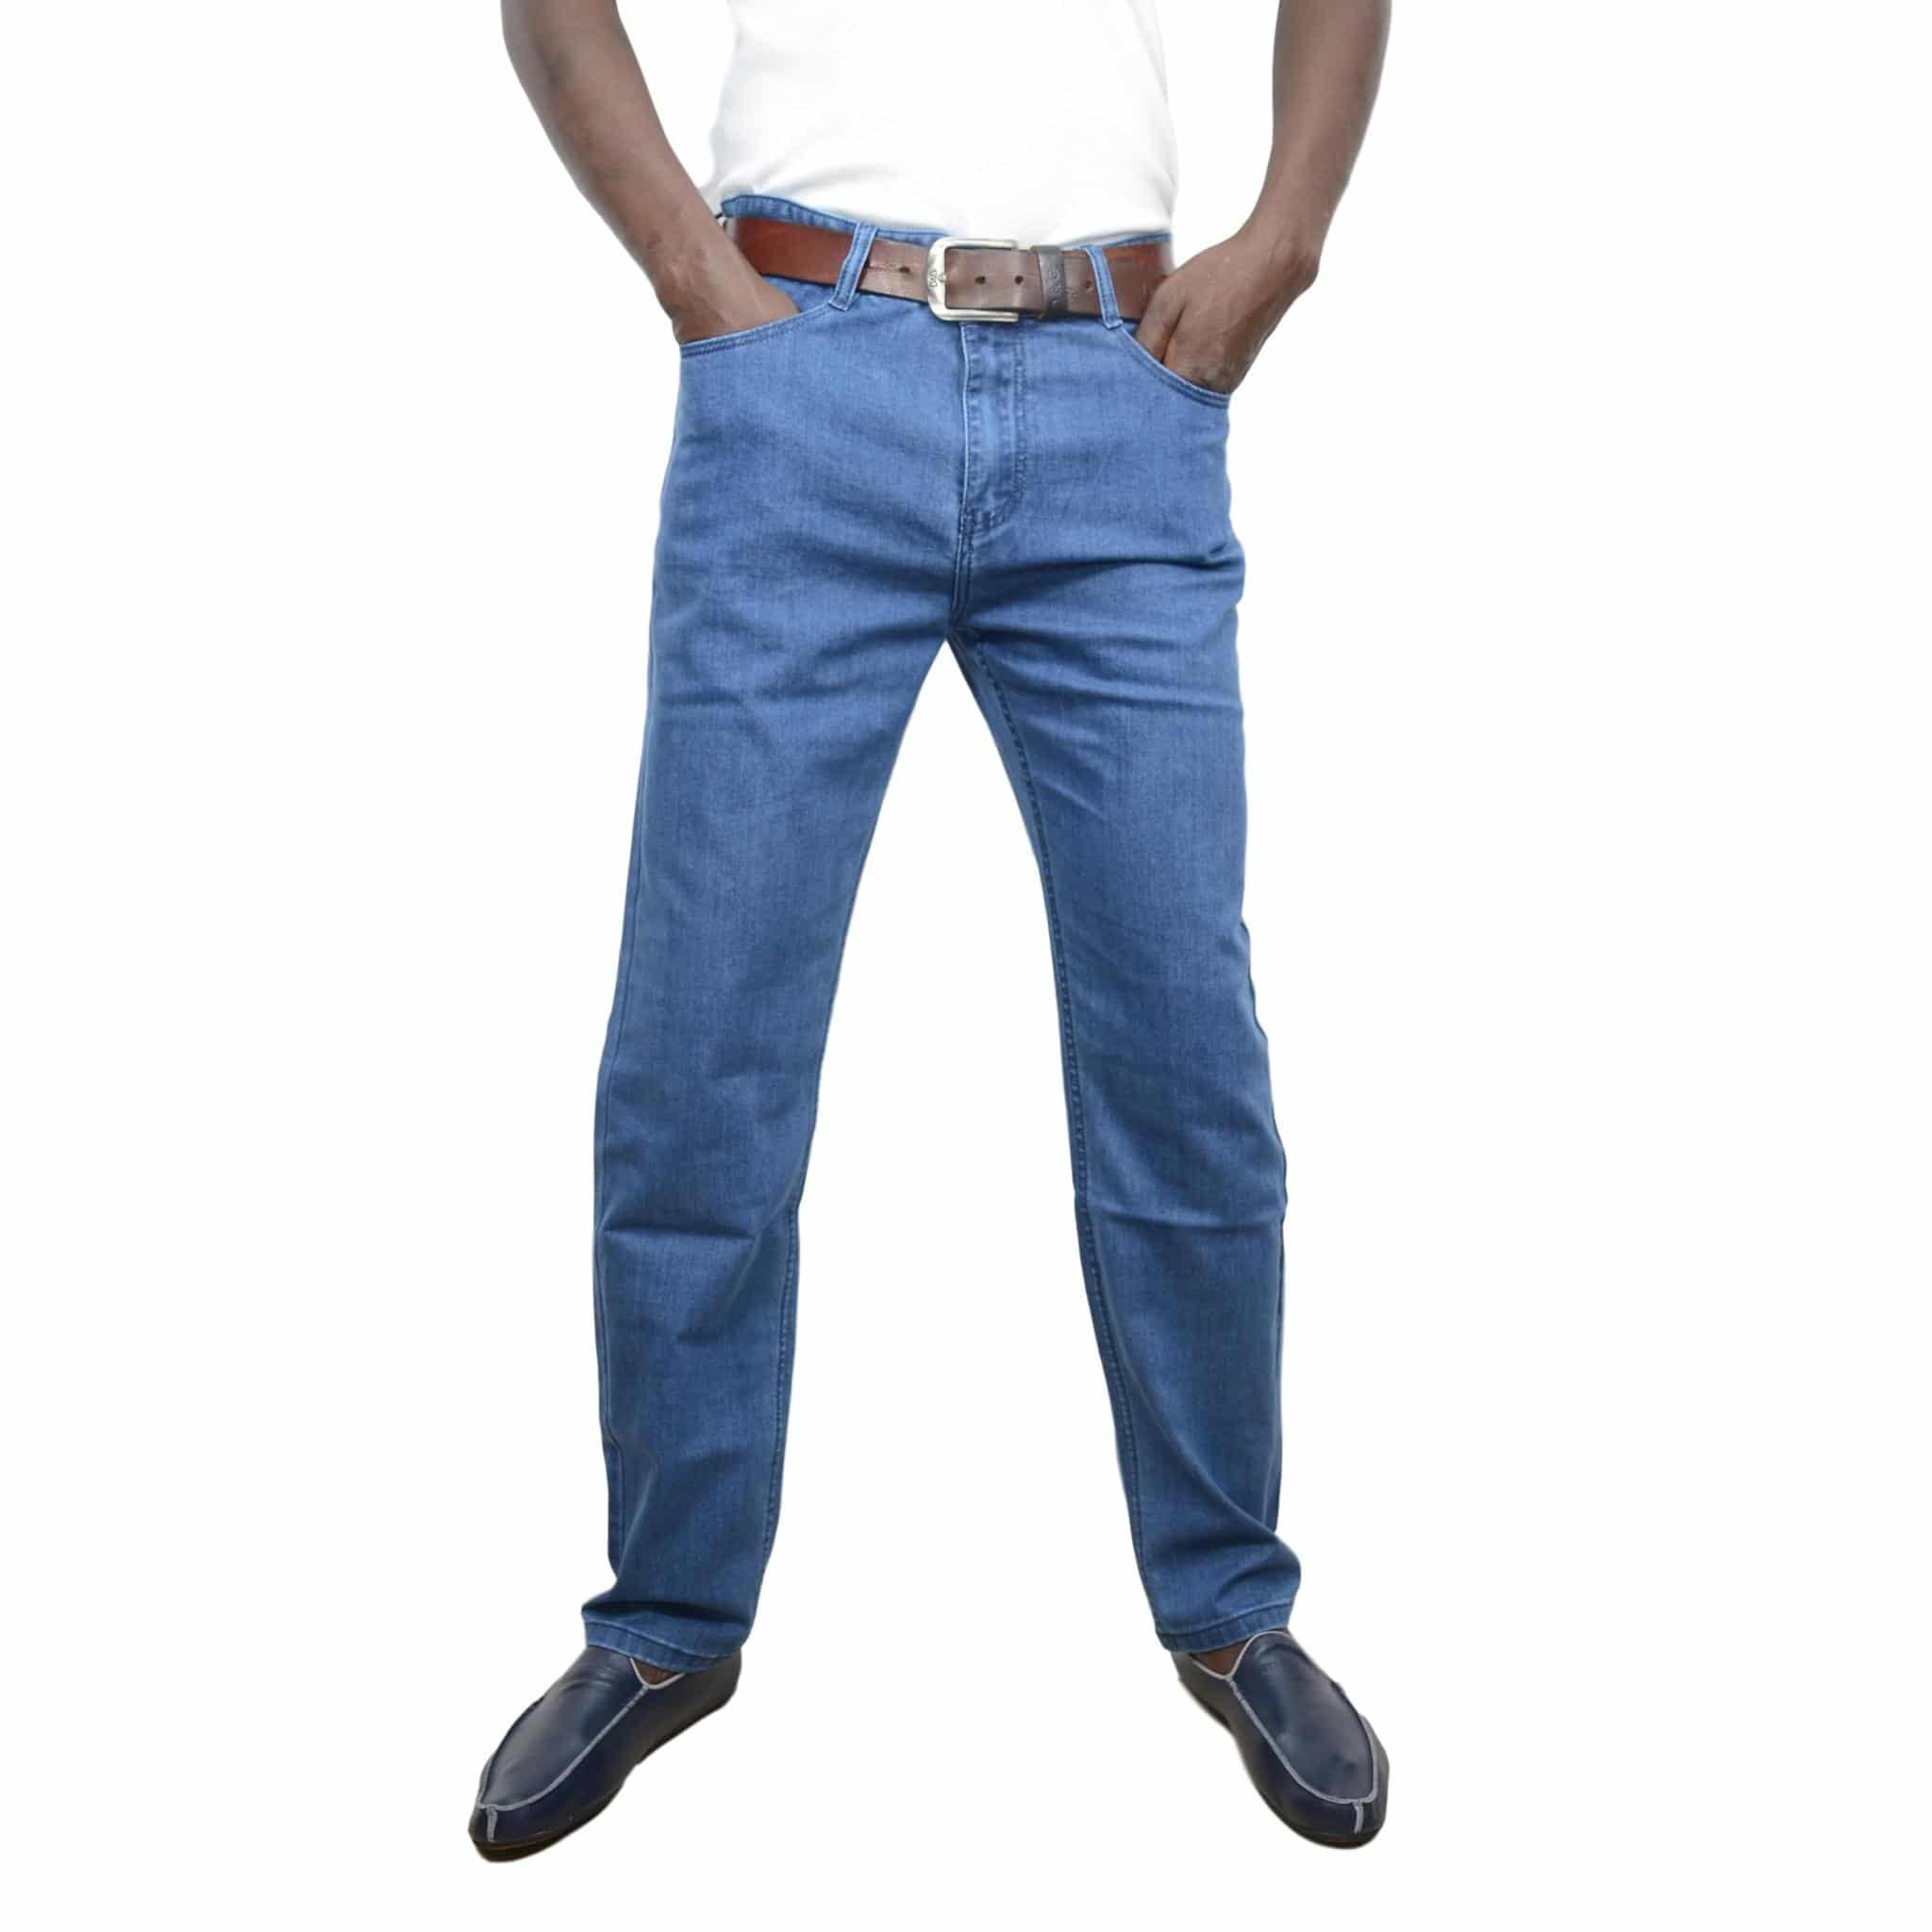 Pantalon Jeans 026